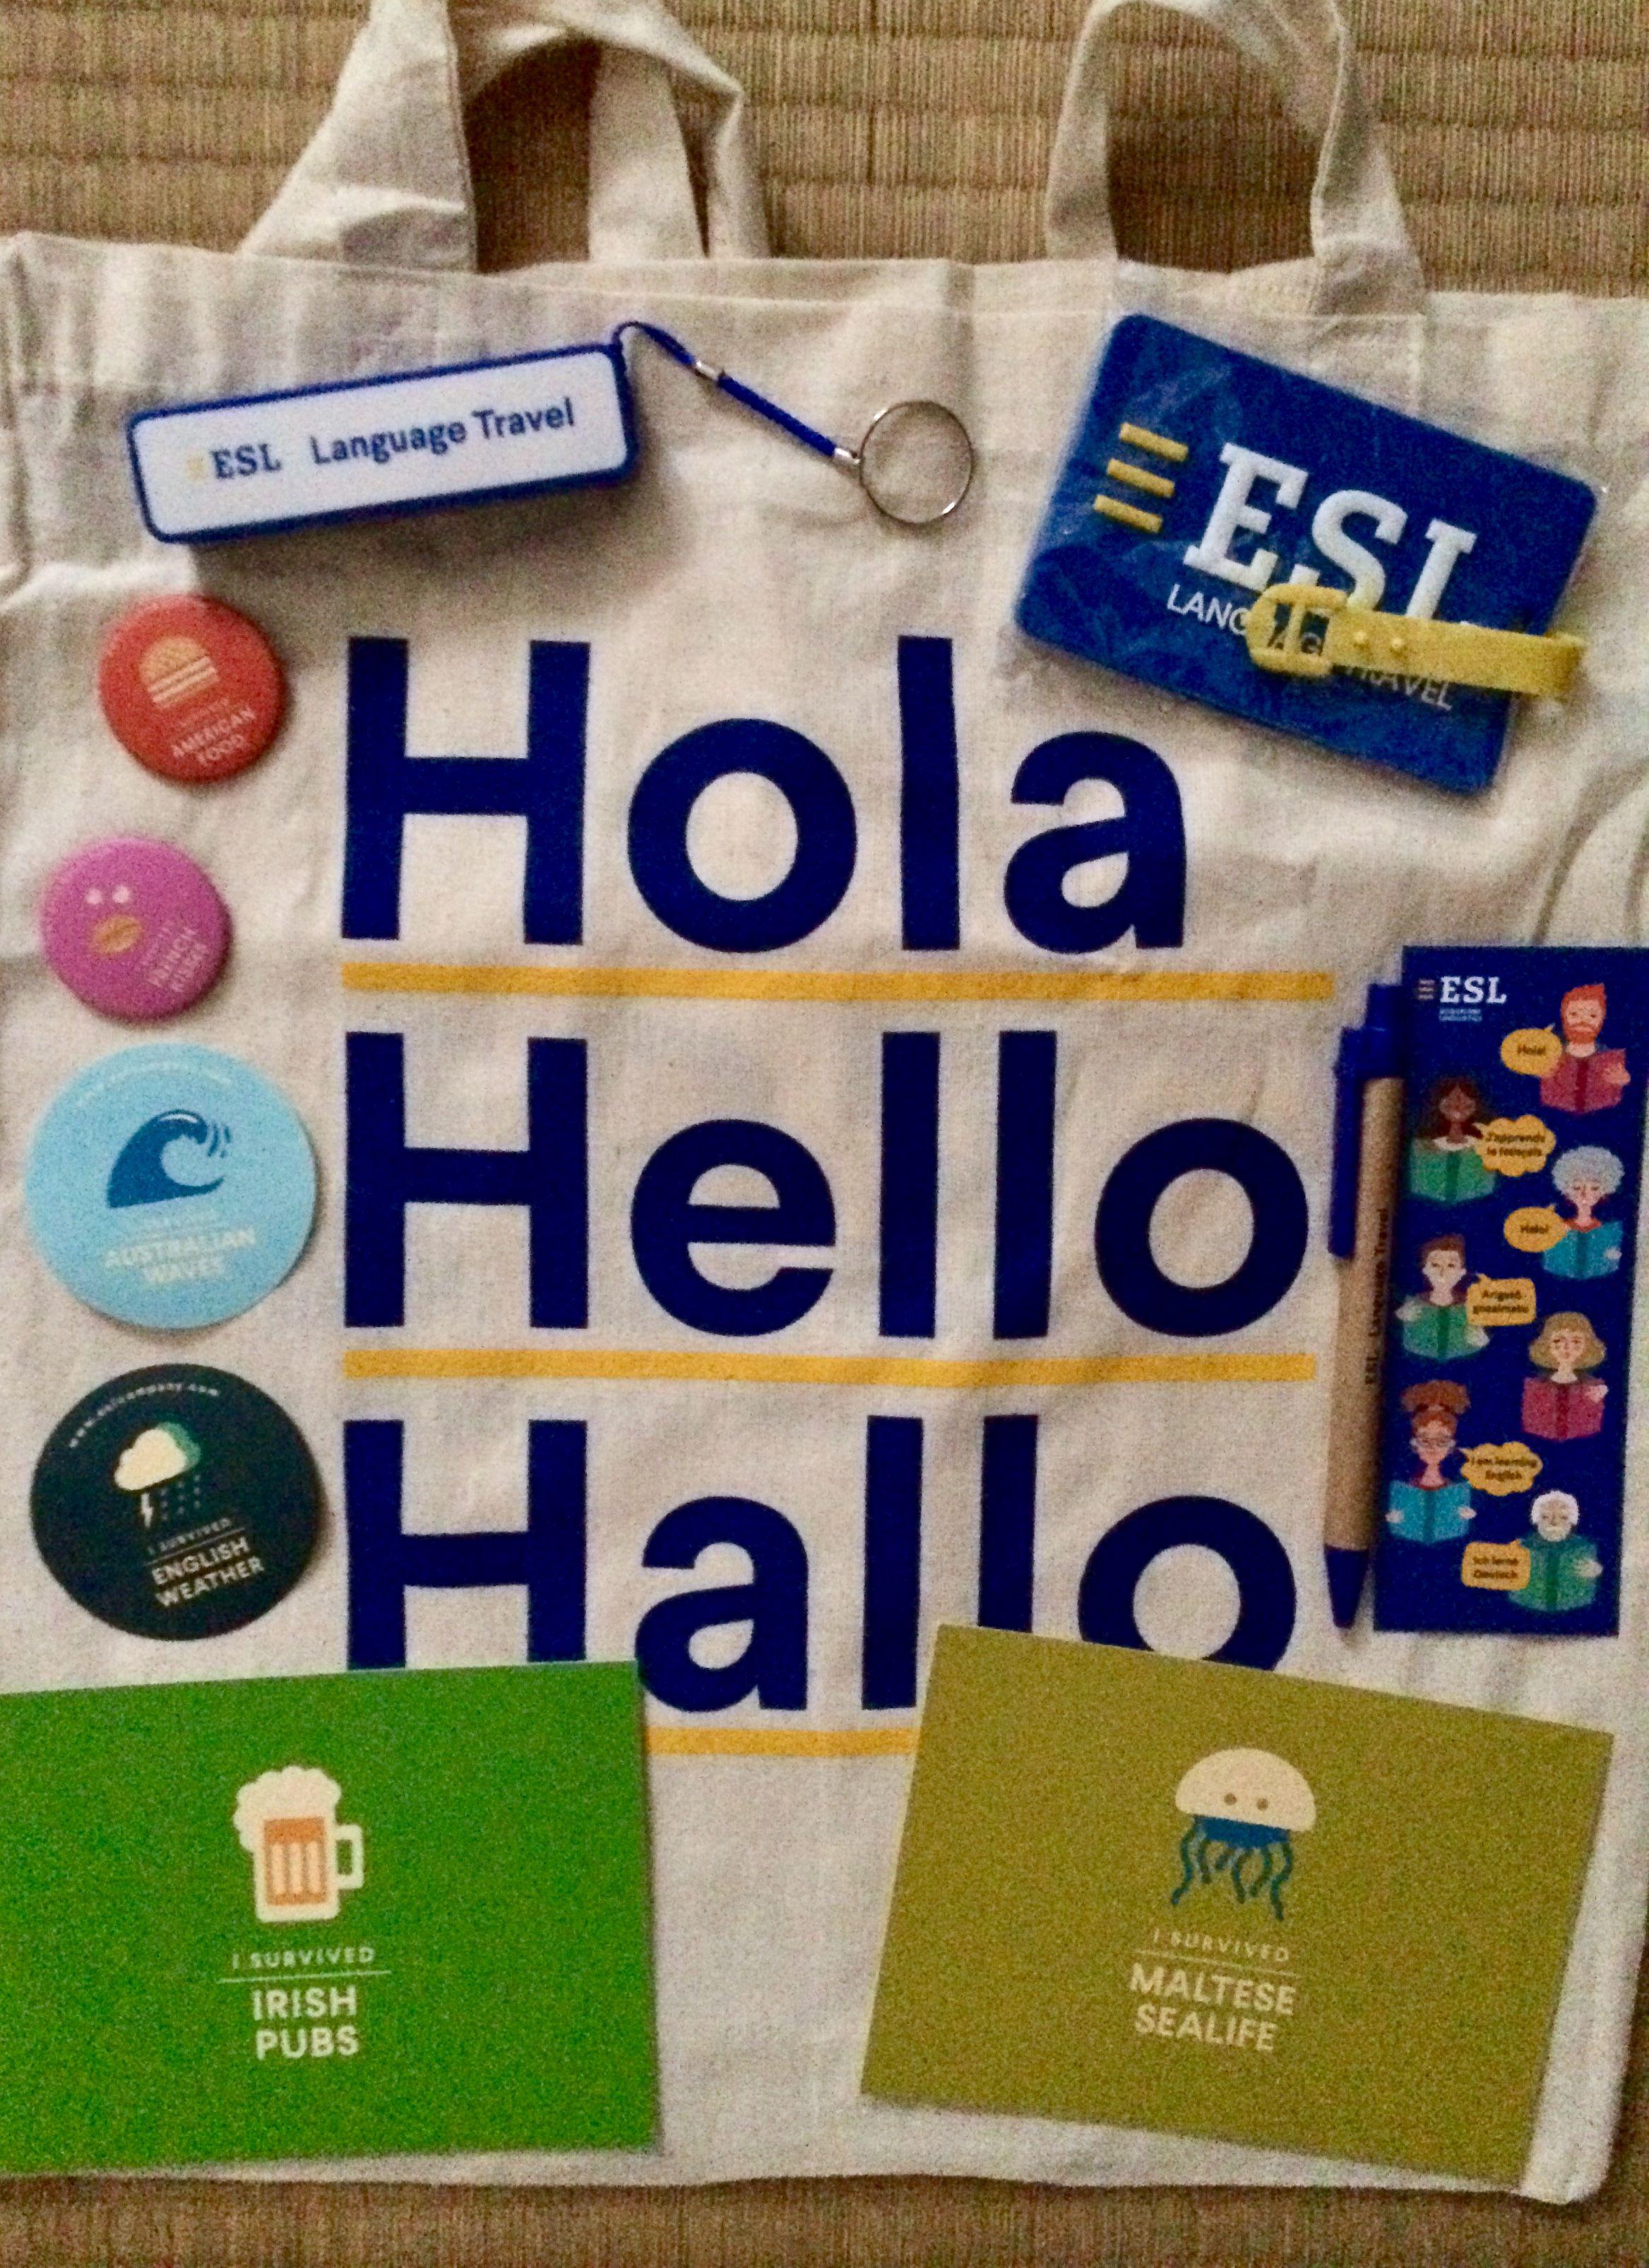 ESL soggiorni linguistici | Gadget | Pinterest | Soggiorno e ESL